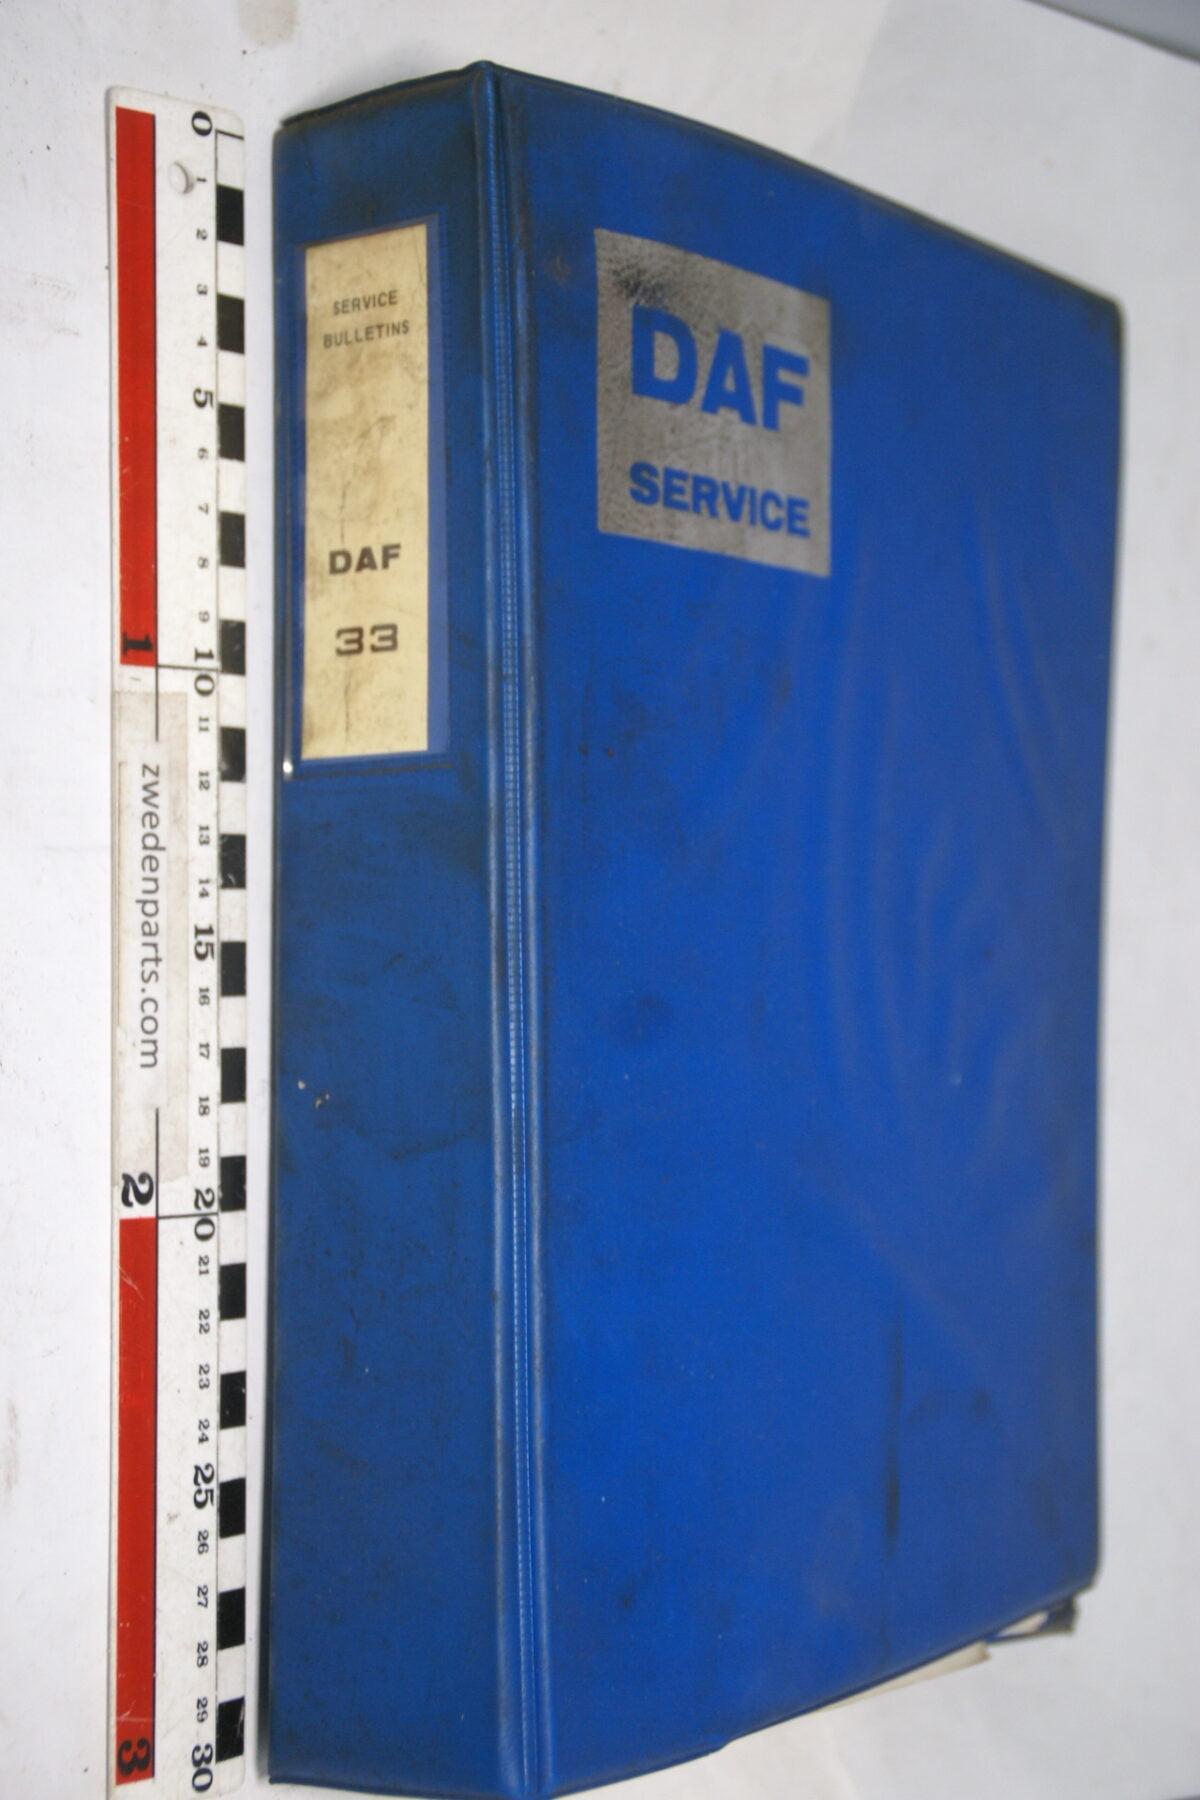 DSC01290 origineel DAF 33 servicebulletin-cdb77f51